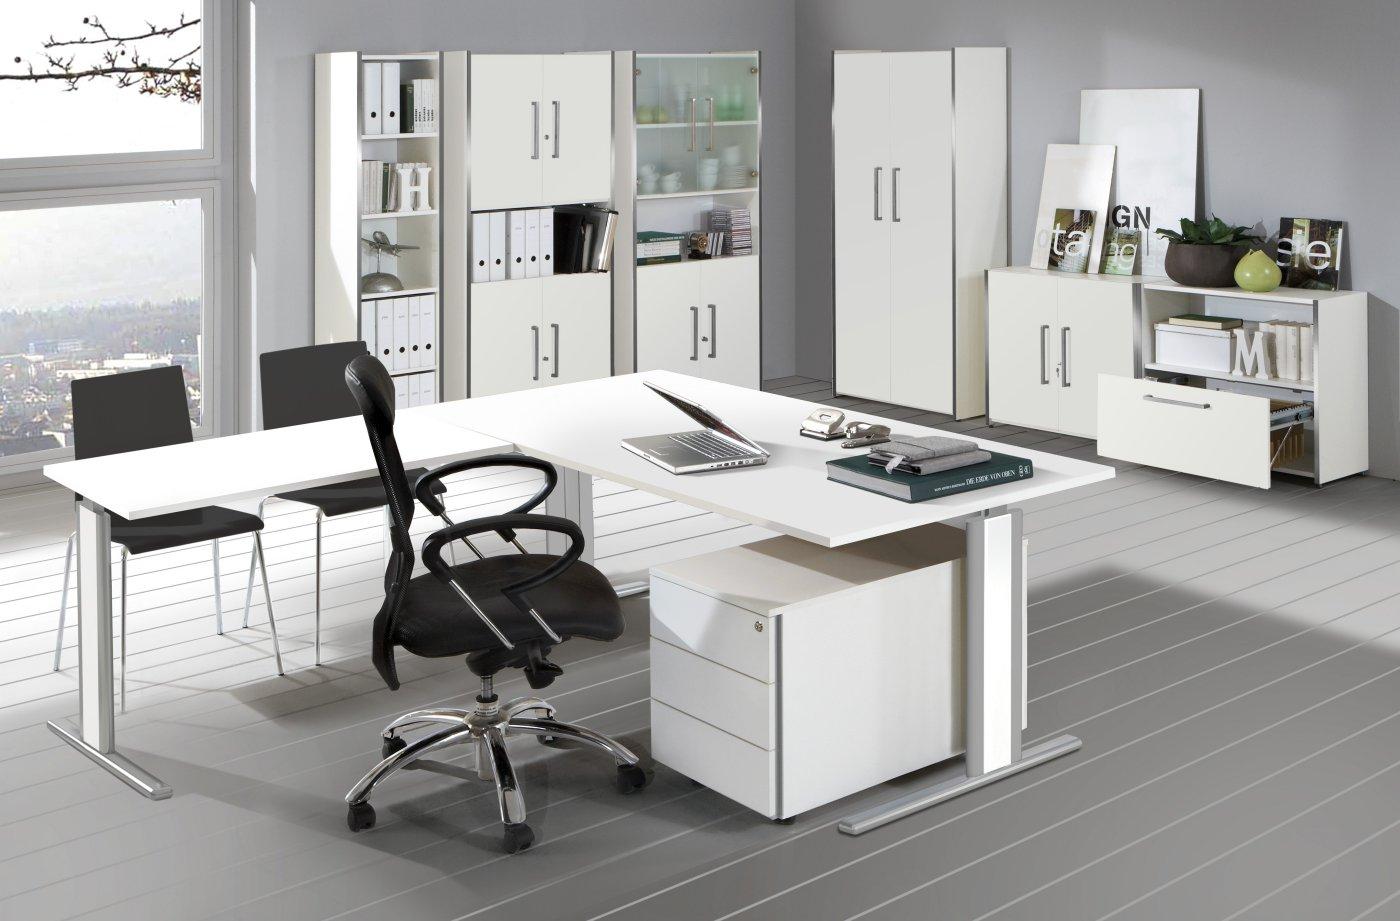 moderne b roeinrichtung form 4 wei robuste und preiswerte b roausstattung. Black Bedroom Furniture Sets. Home Design Ideas